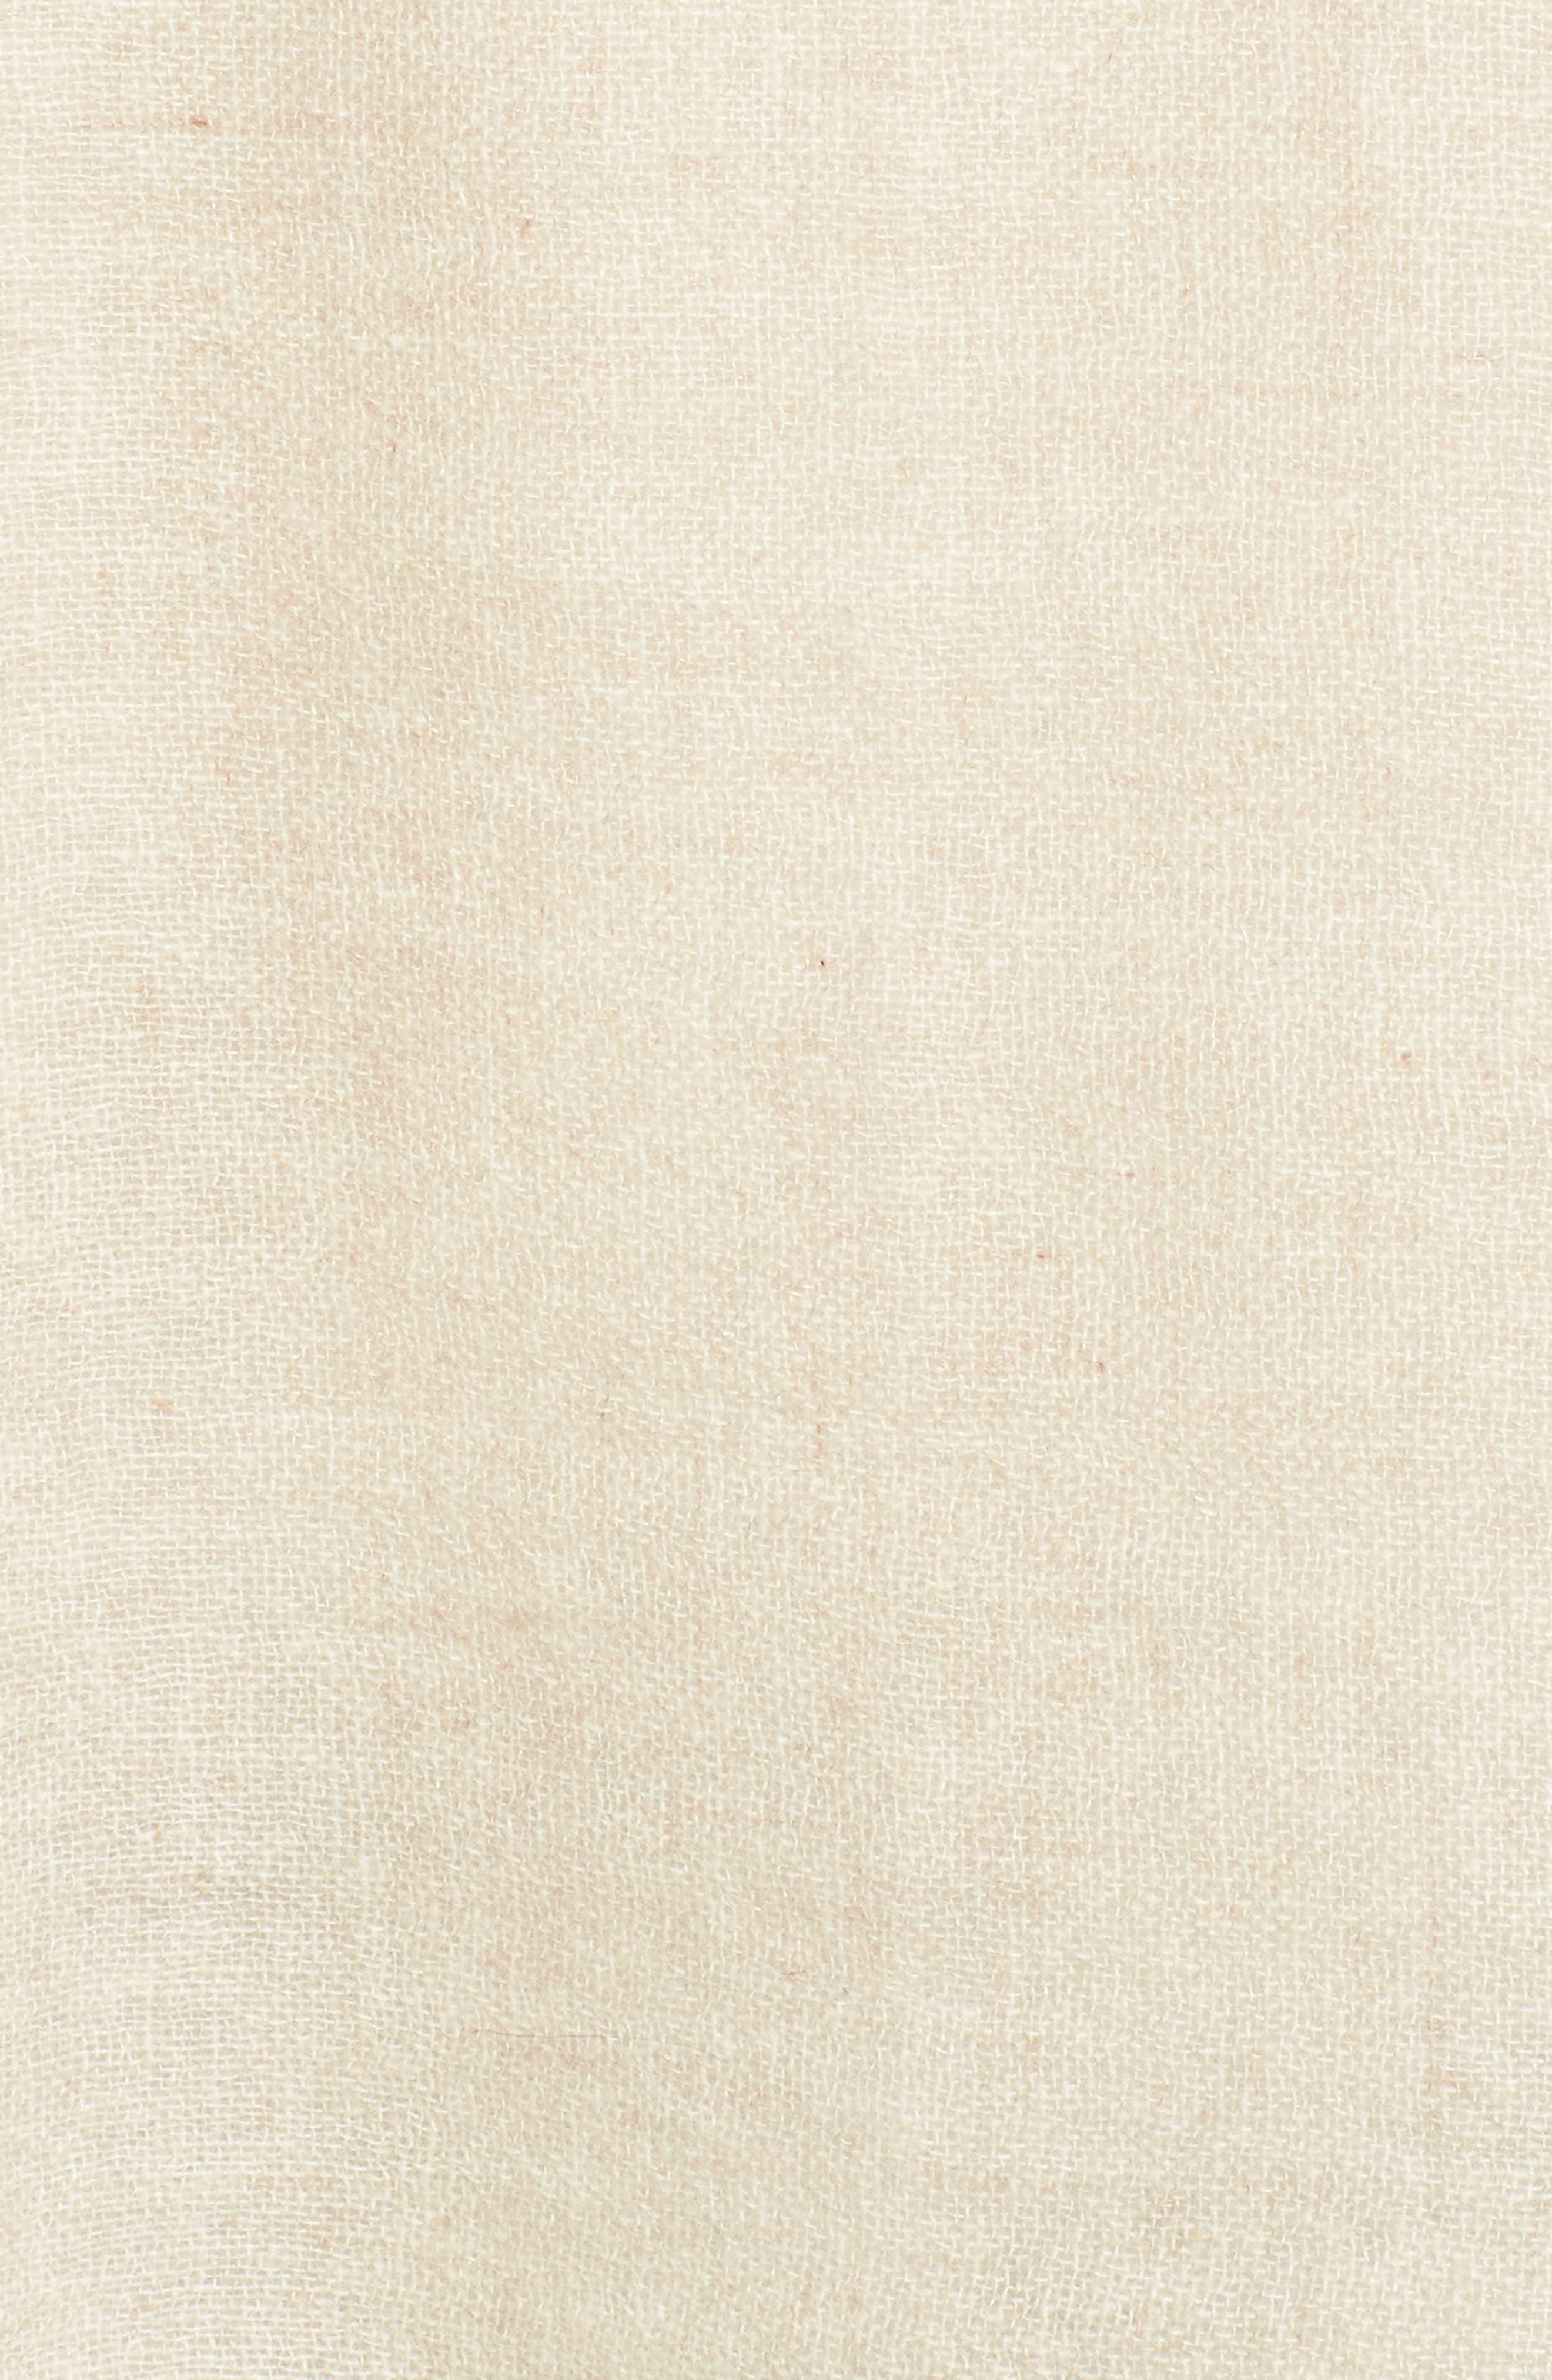 Caslon Dip Dye Cashmere Wrap,                             Alternate thumbnail 5, color,                             Beige Combo